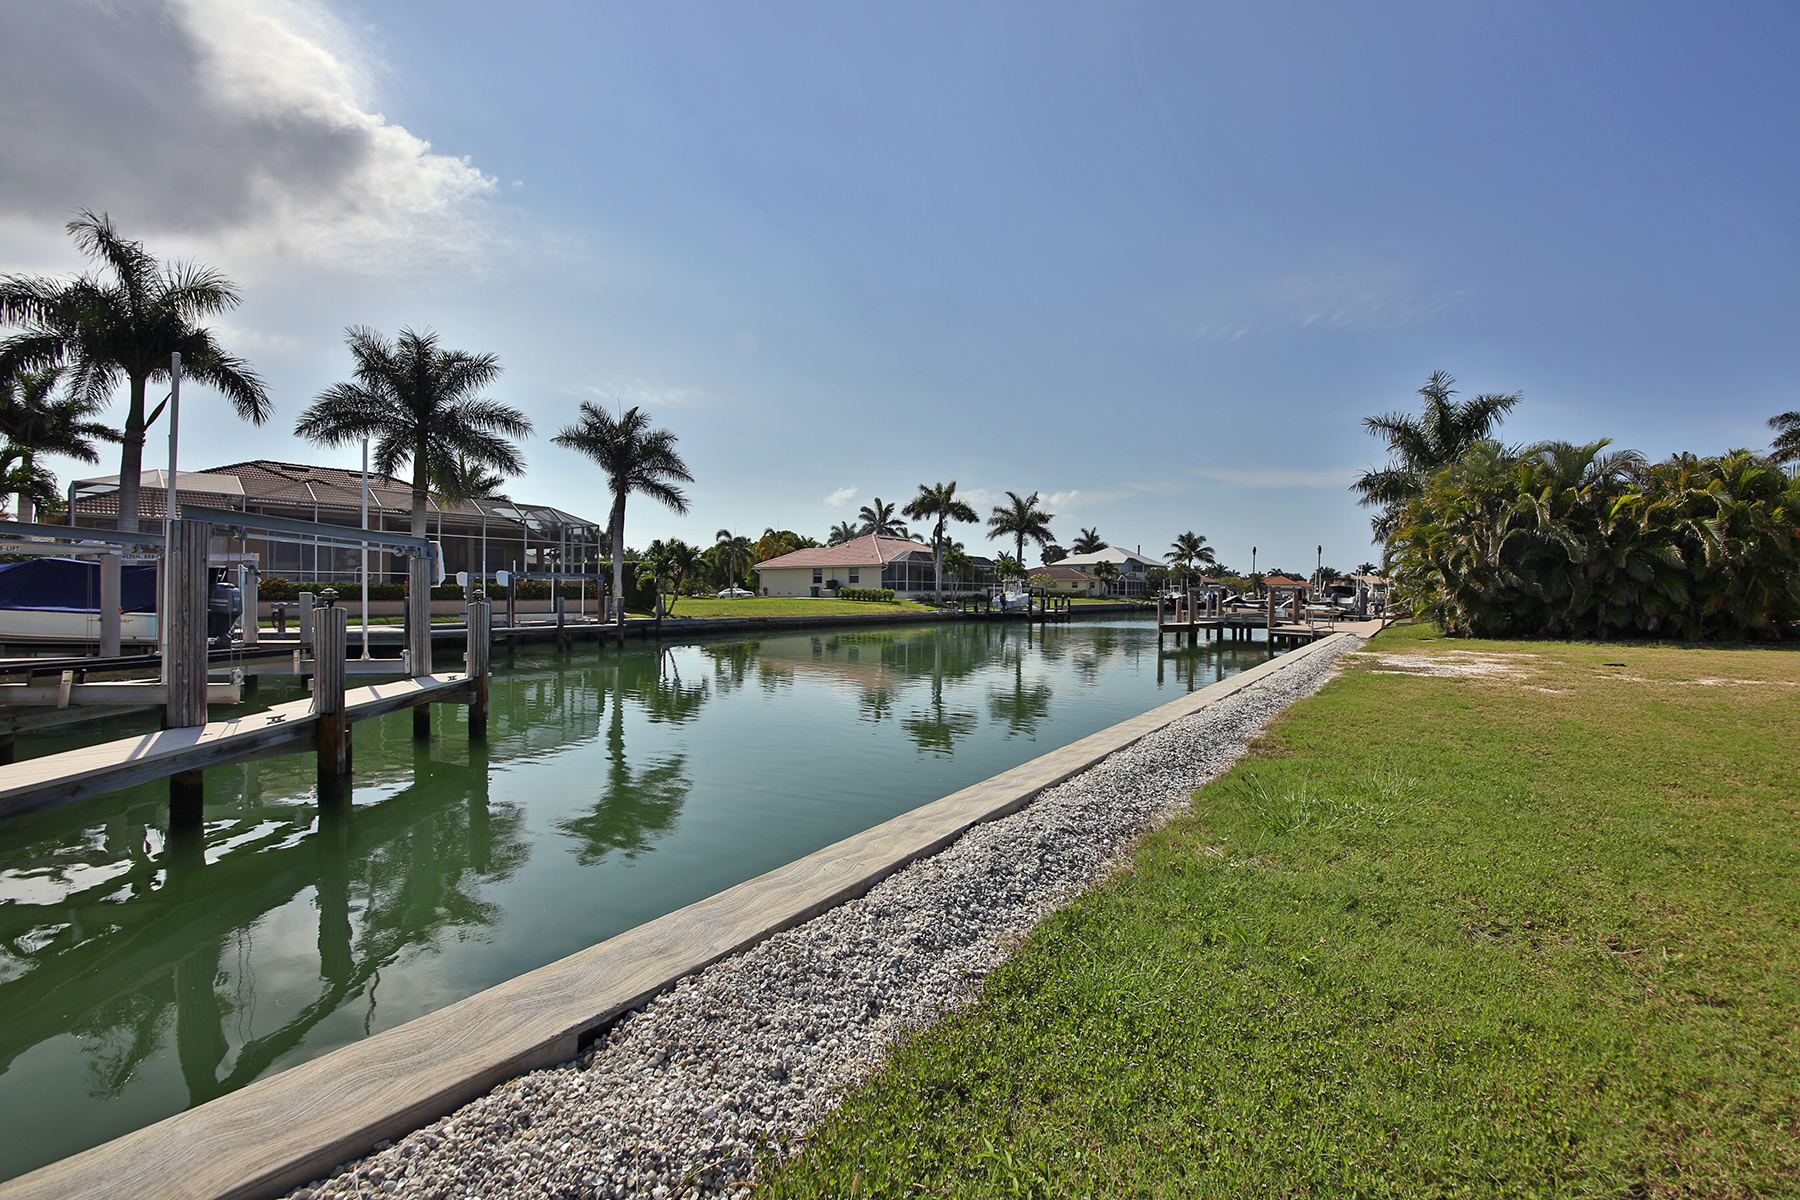 Terreno per Vendita alle ore MARCO ISLAND - BATTERSEA COURT 411 Battersea Ct Marco Island, Florida, 34145 Stati Uniti